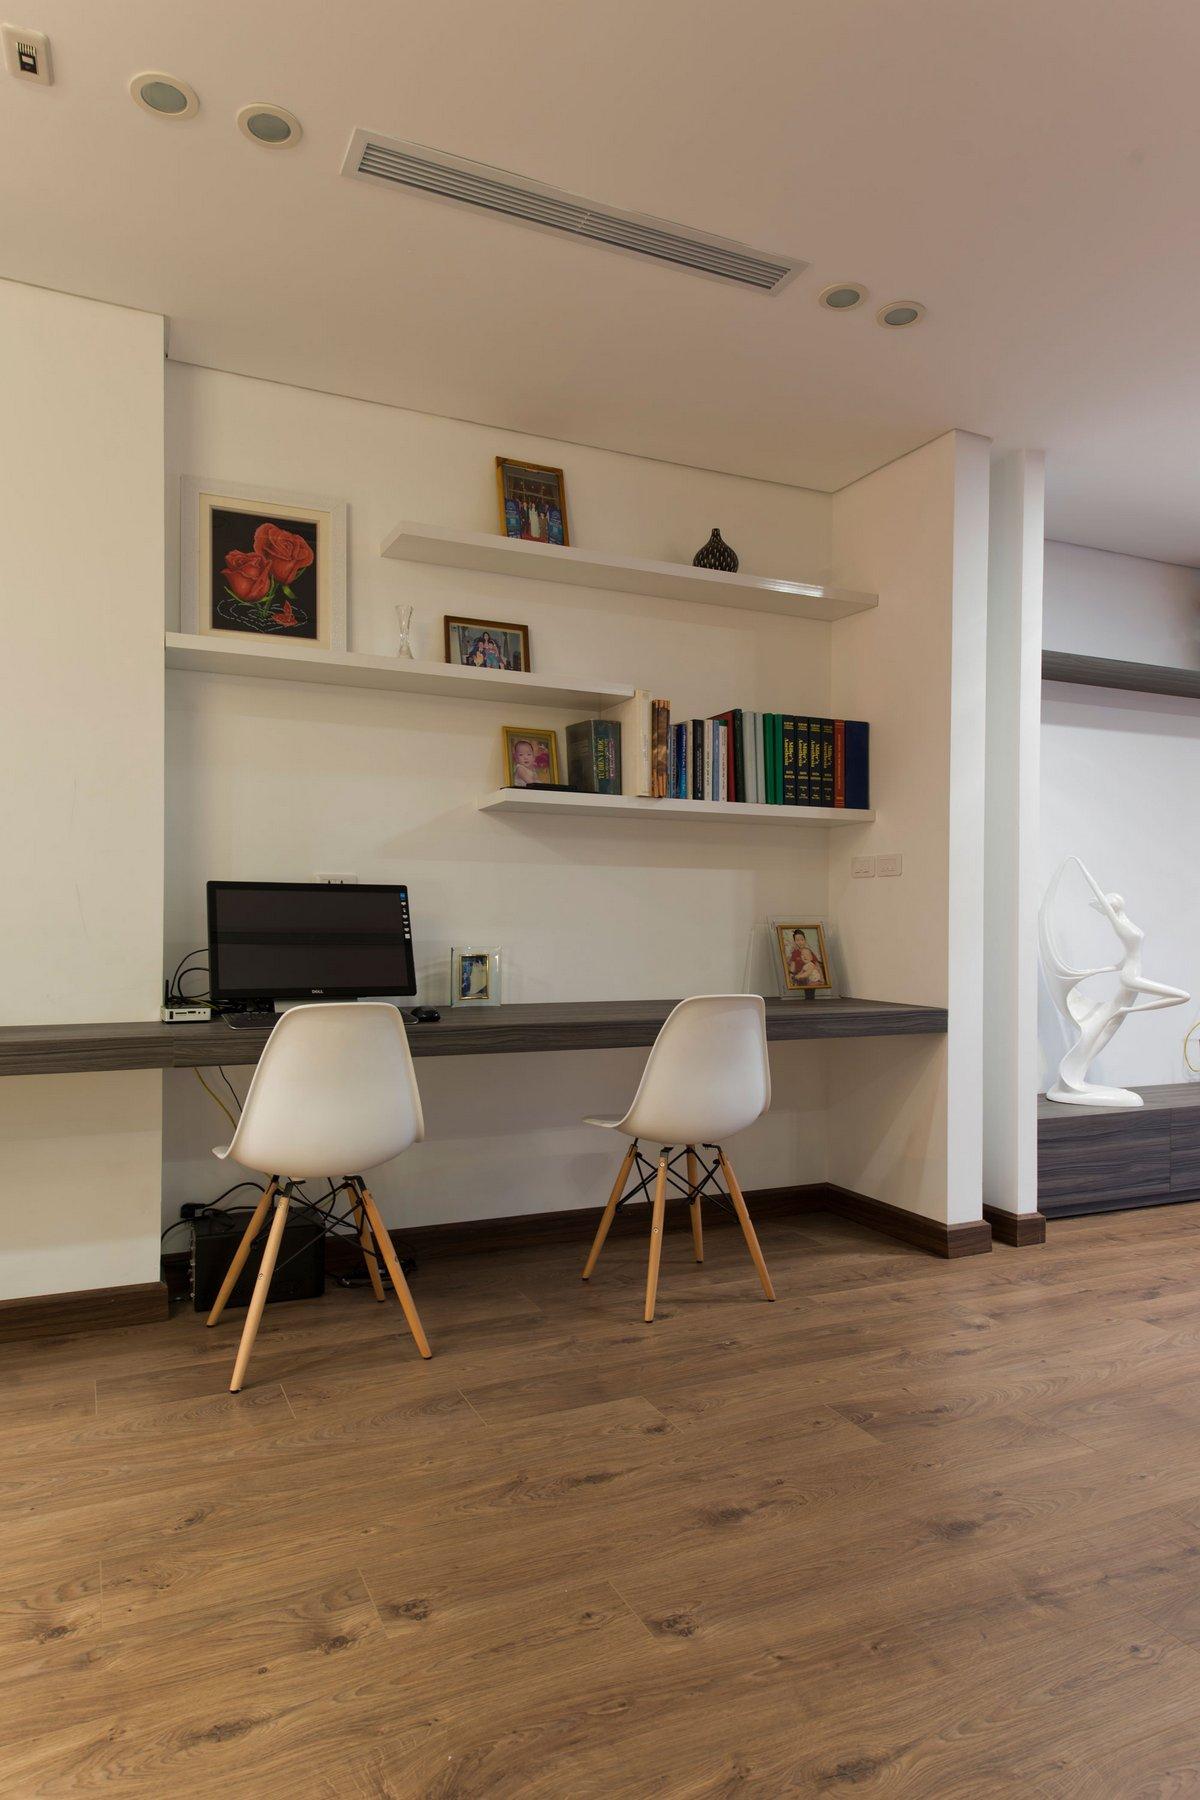 I.House Architecture and Construction, частный дом в Ханое, частный дом во Вьетнаме, проект частного дома, интерьер минимализм, дизайн интерьера